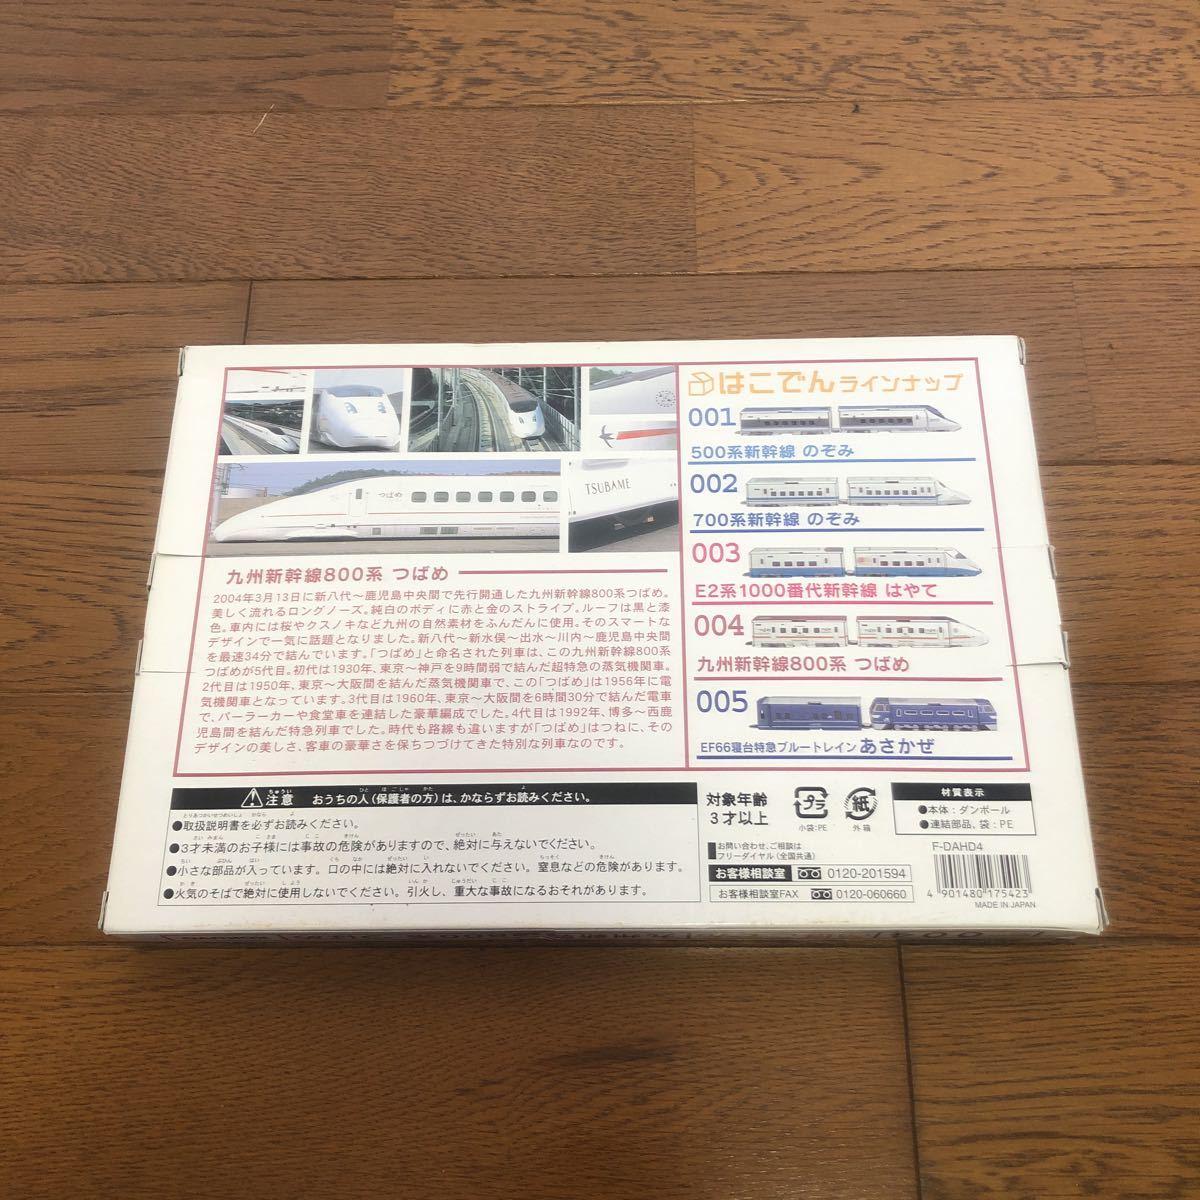 即決 KOKUYO コクヨ はこでん 九州新幹線800系 つばめ_画像2